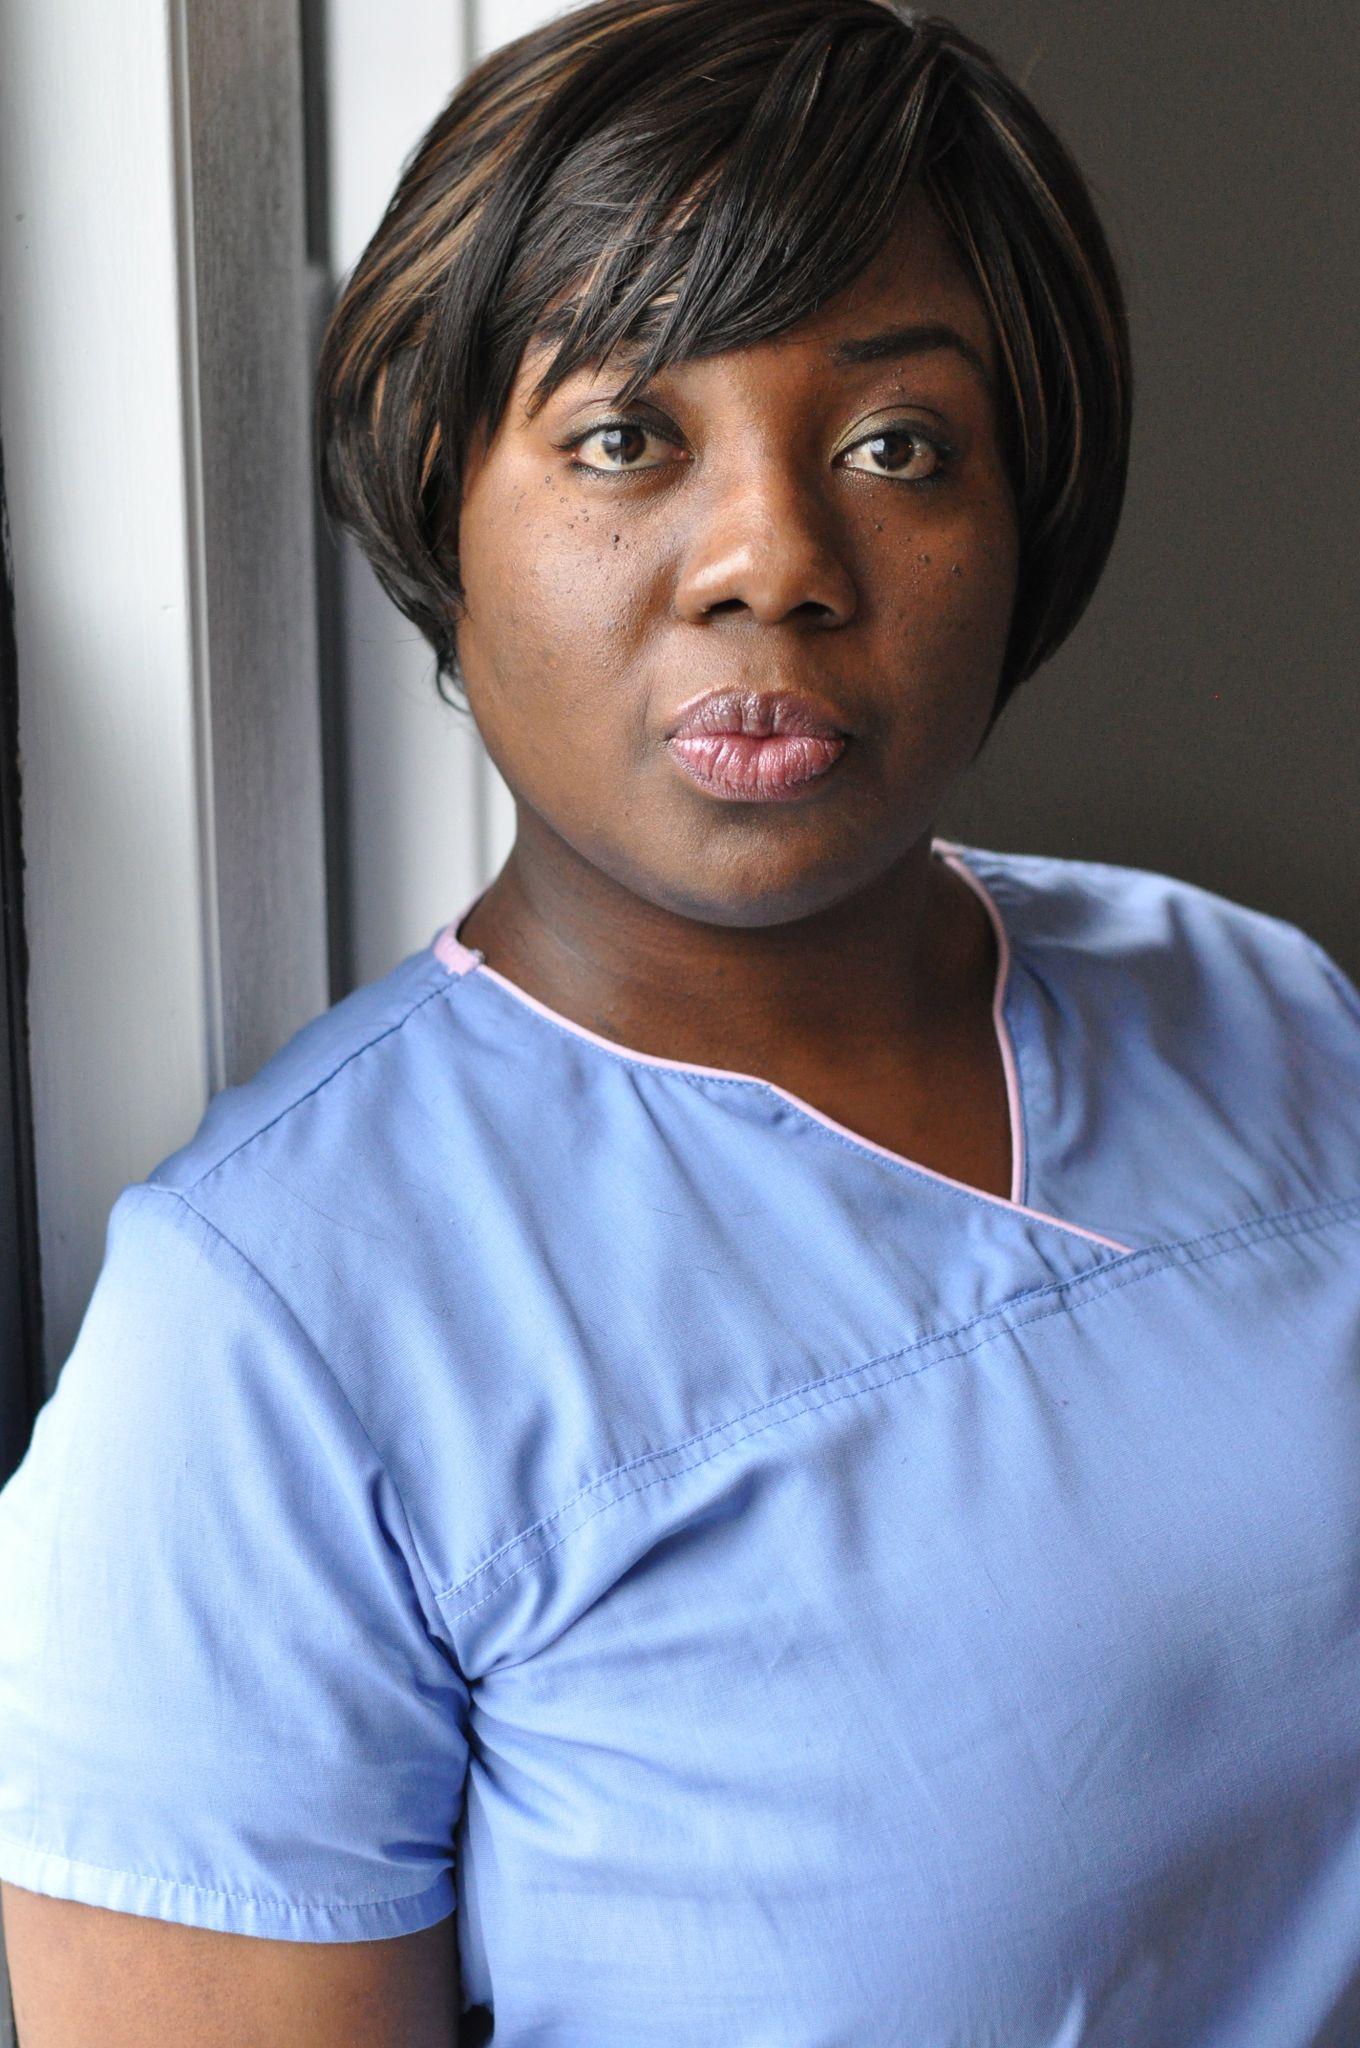 Nurse Look